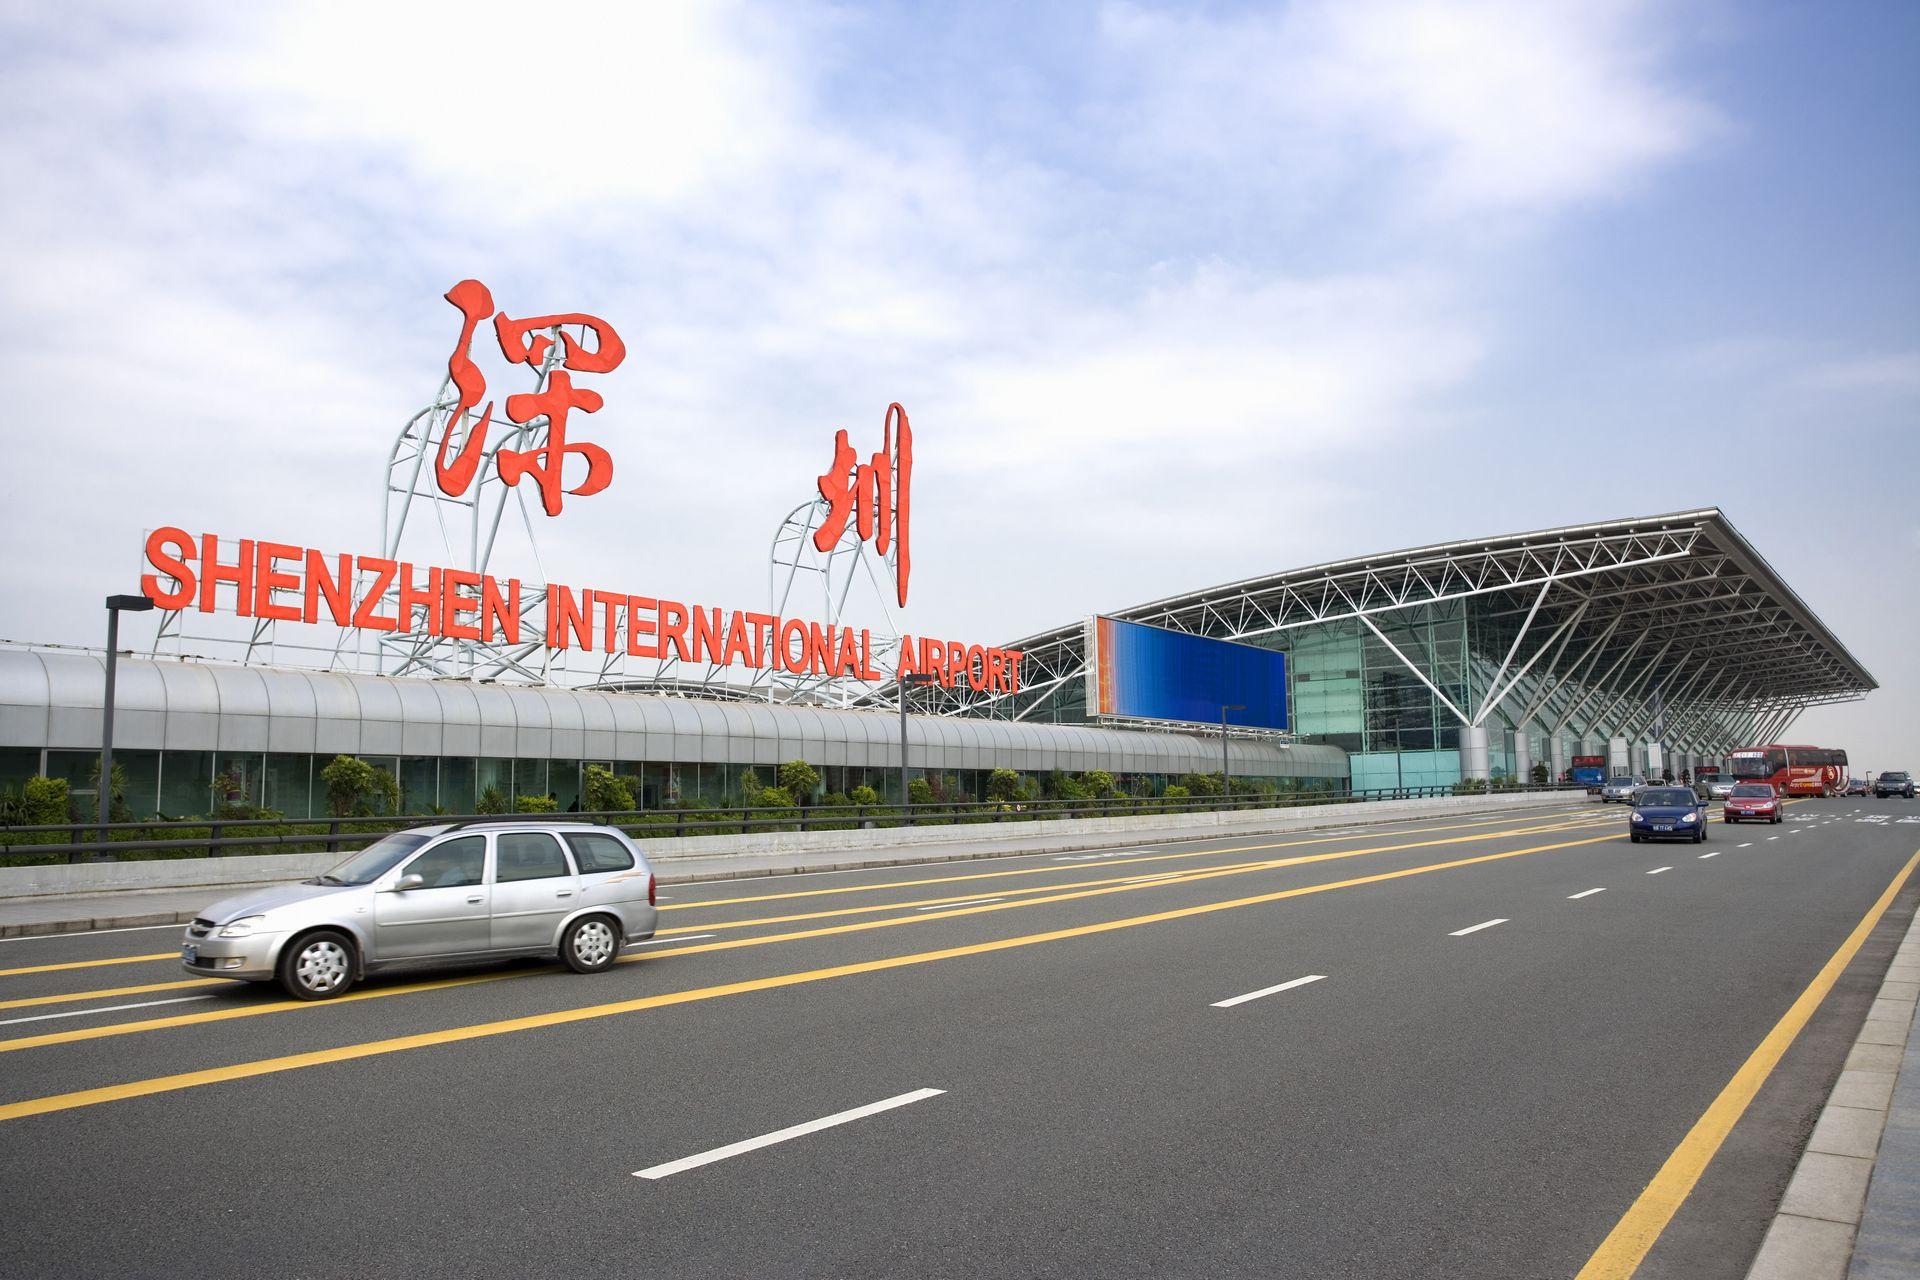 社评:深圳的竞争力不应受高房价拖累